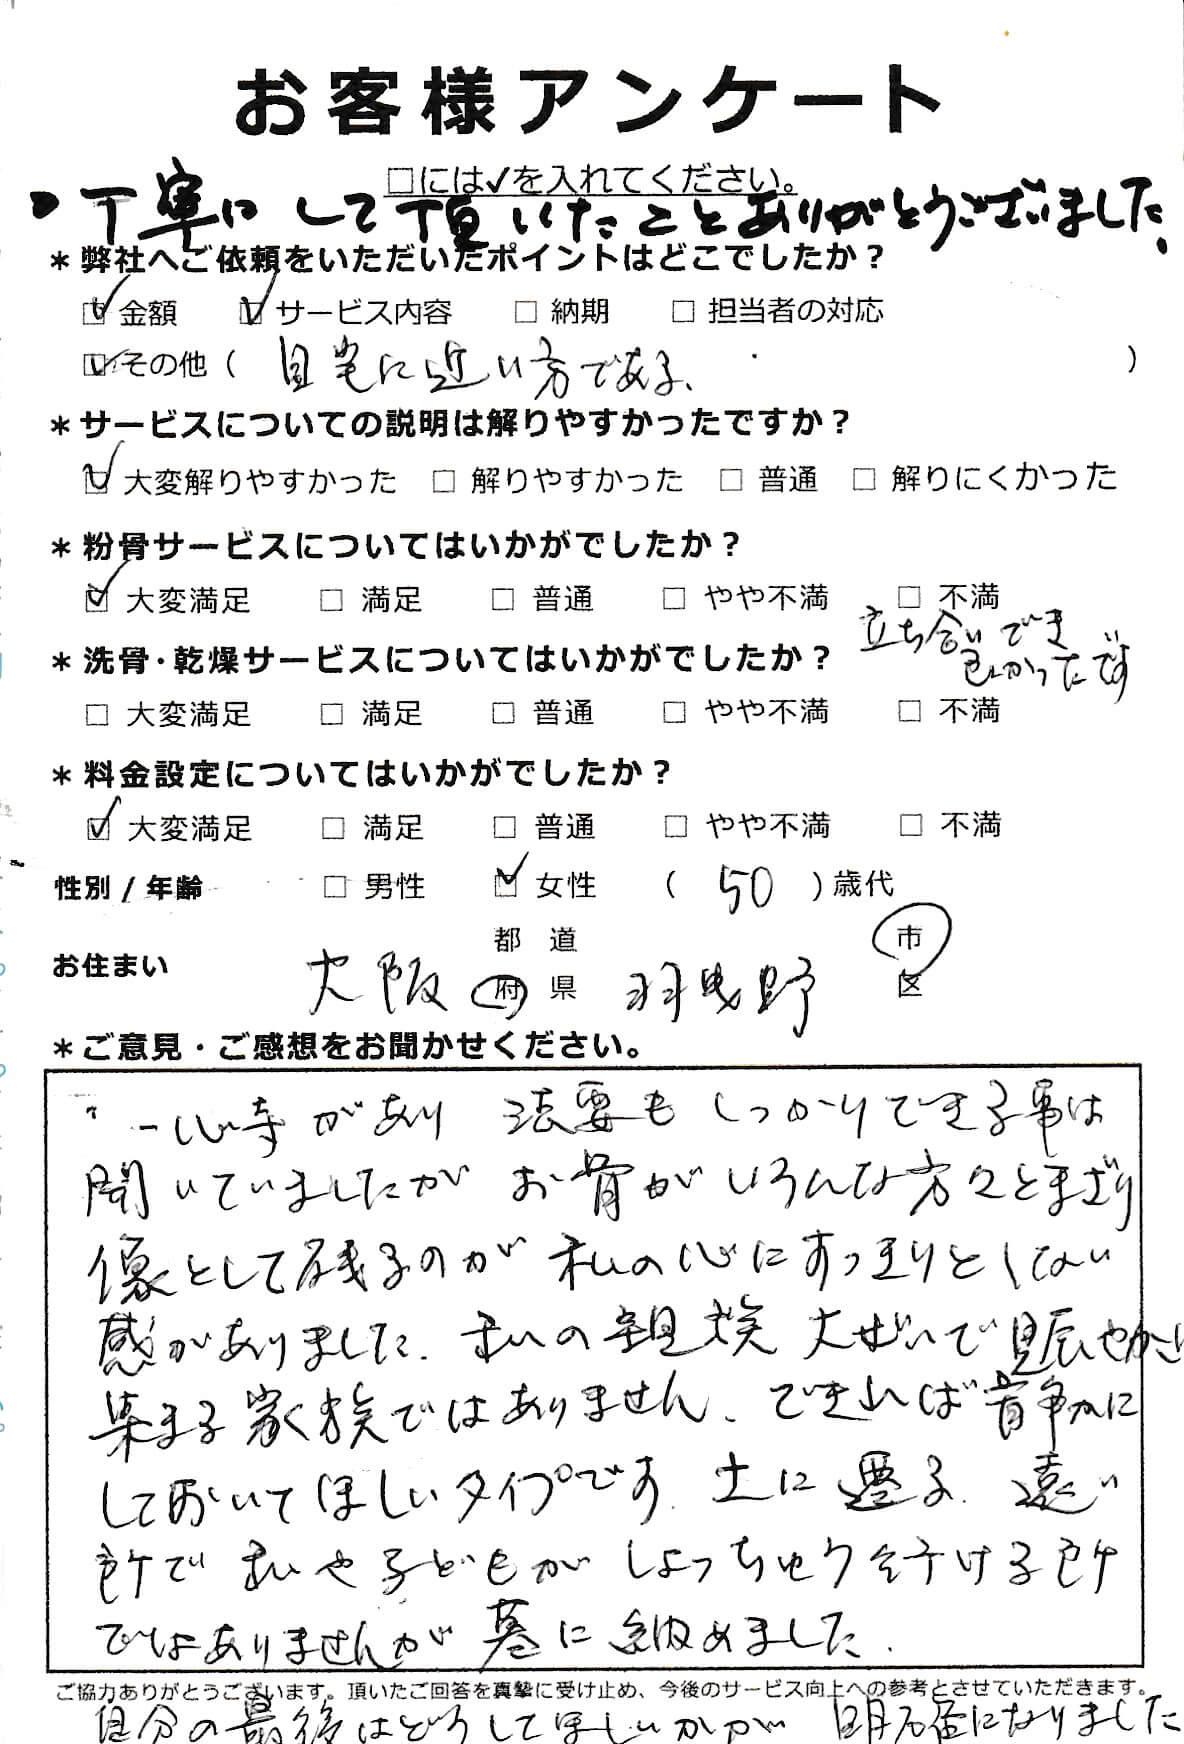 大阪府羽曳野市での粉骨サービス